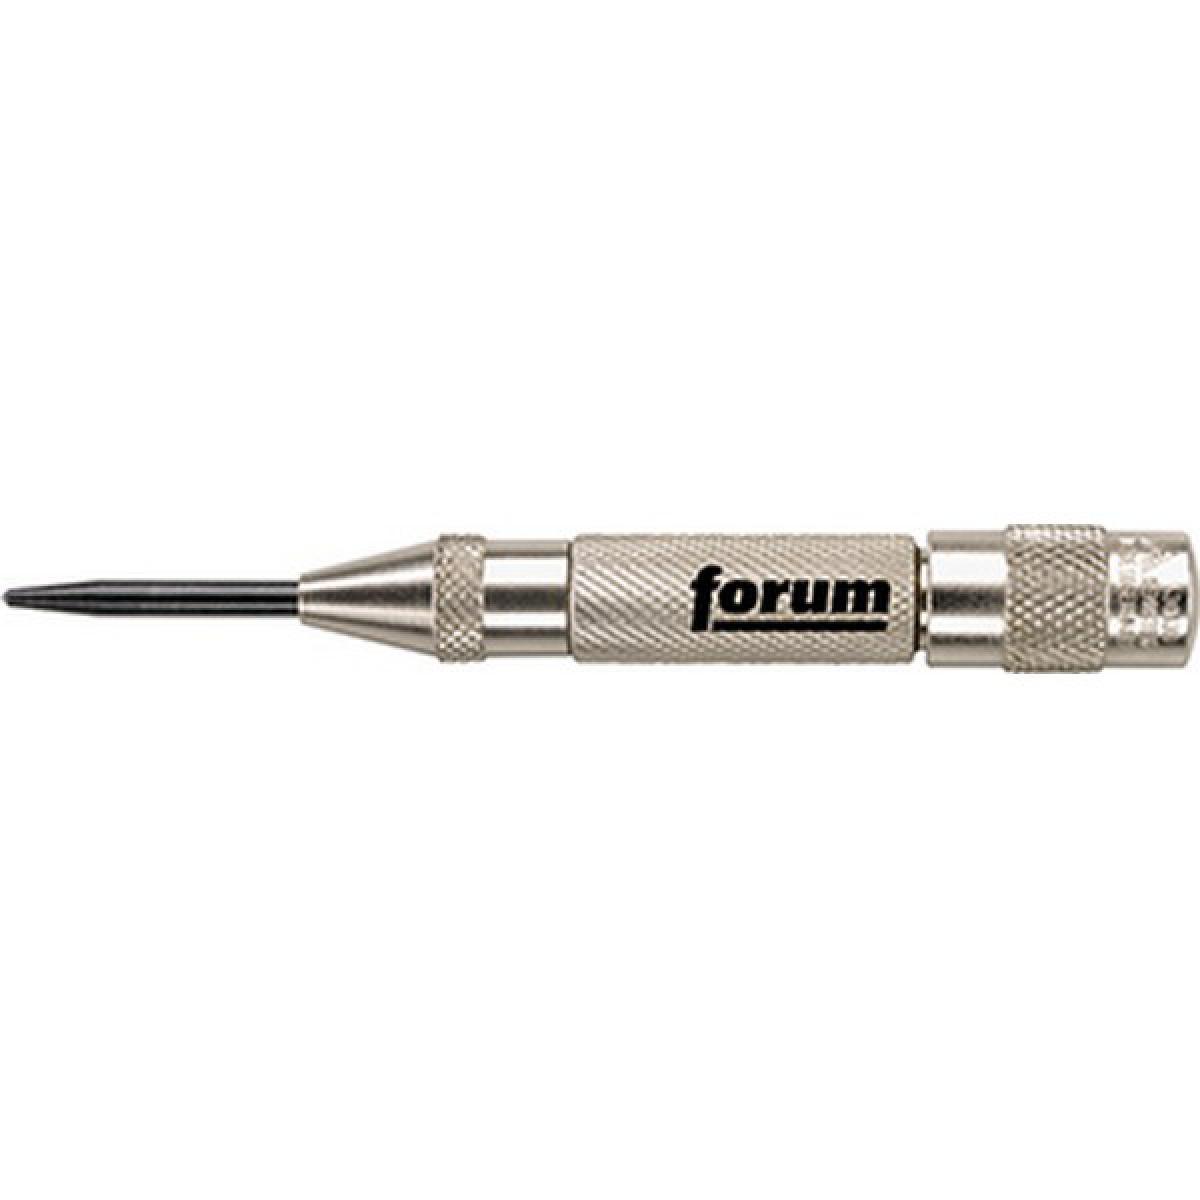 Forum Pointeau automatique, Ø : 6,0 mm, Long. 130 mm, Ø de tige 17 mm